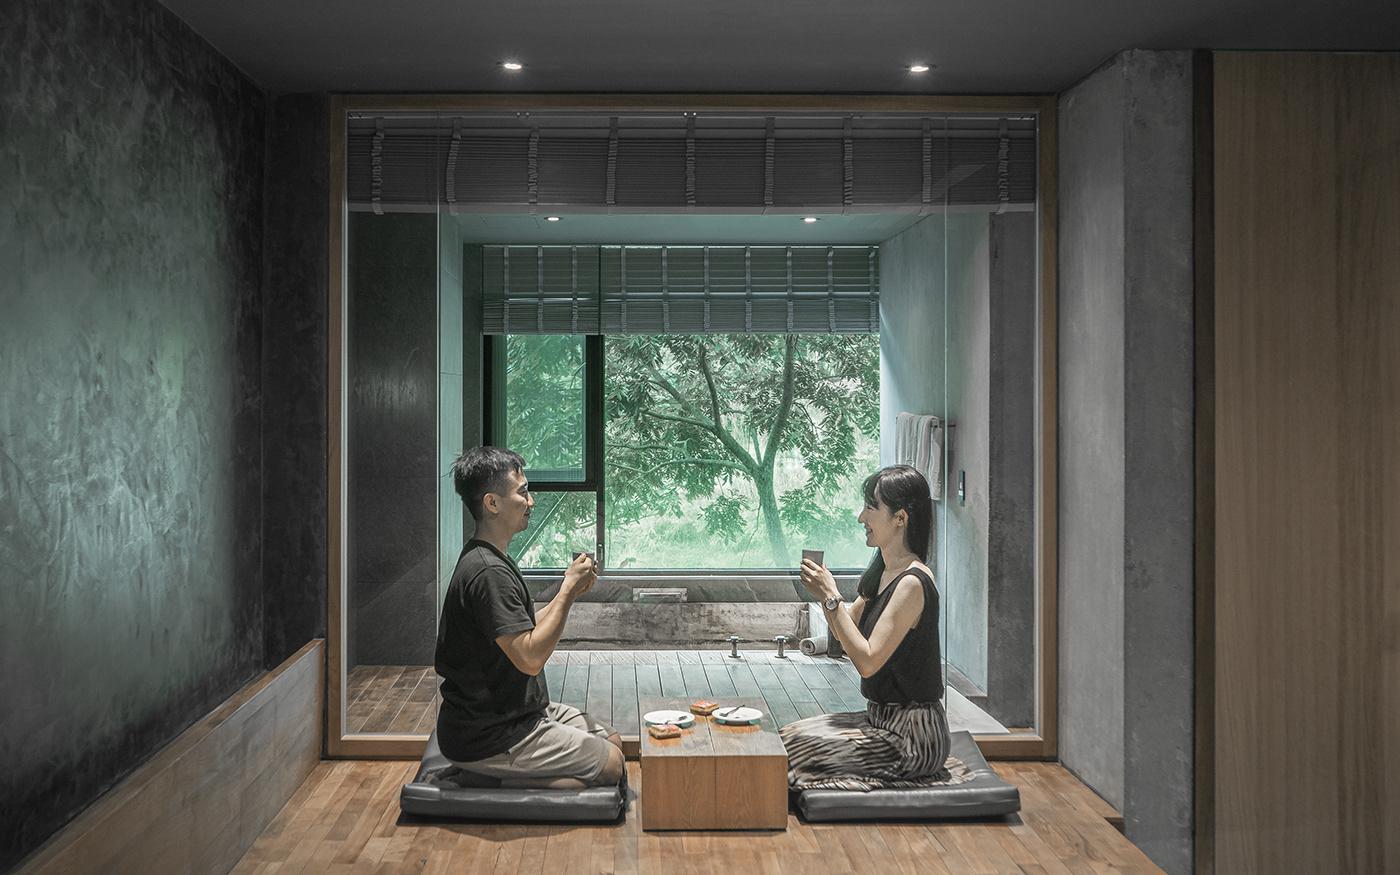 hot spring hotel Landscape mountains resort Travel